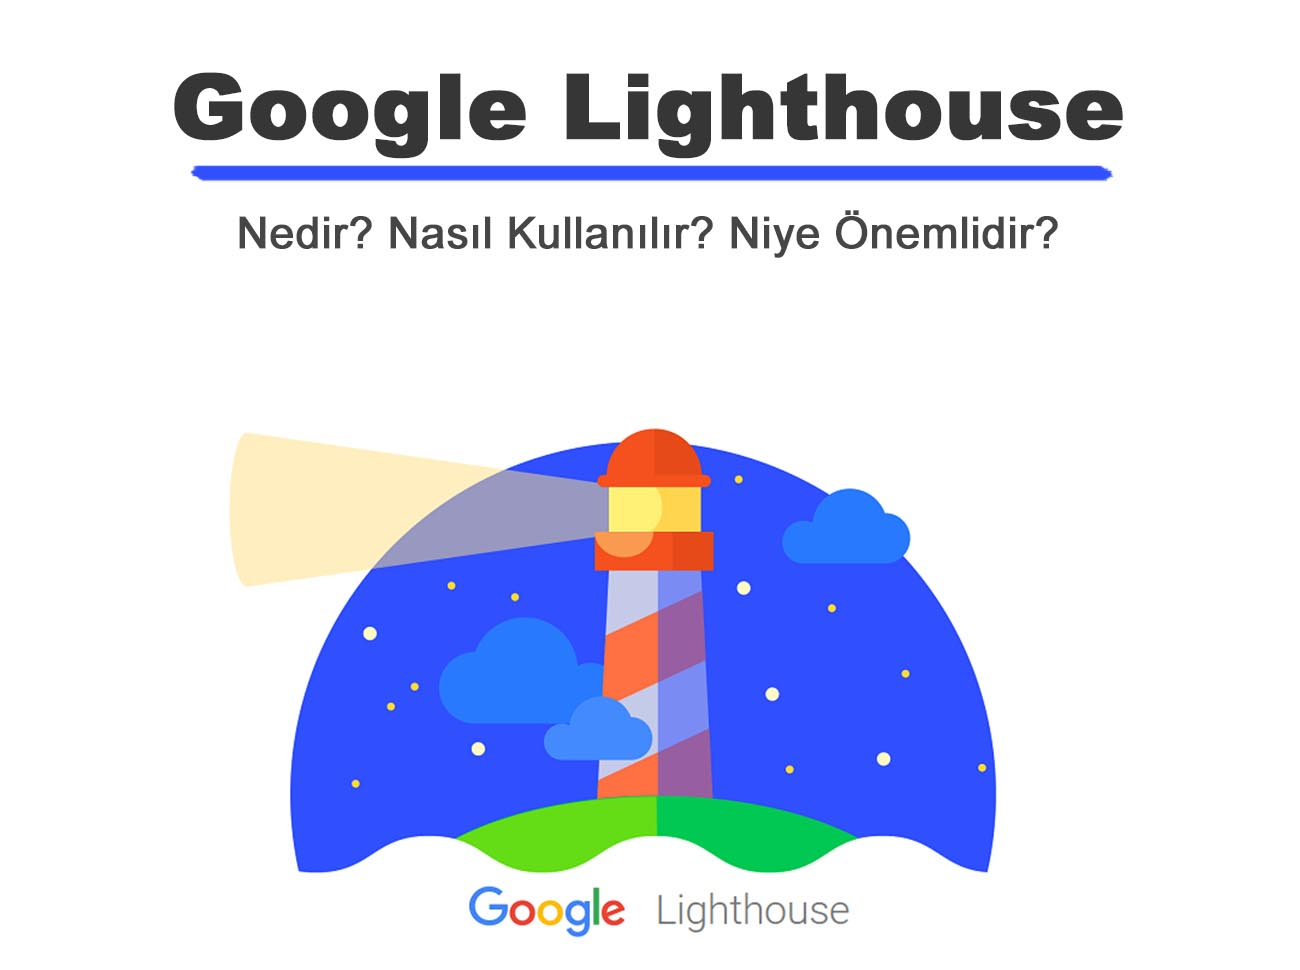 Google Lighthouse Nedir? Nasıl Kullanılır?